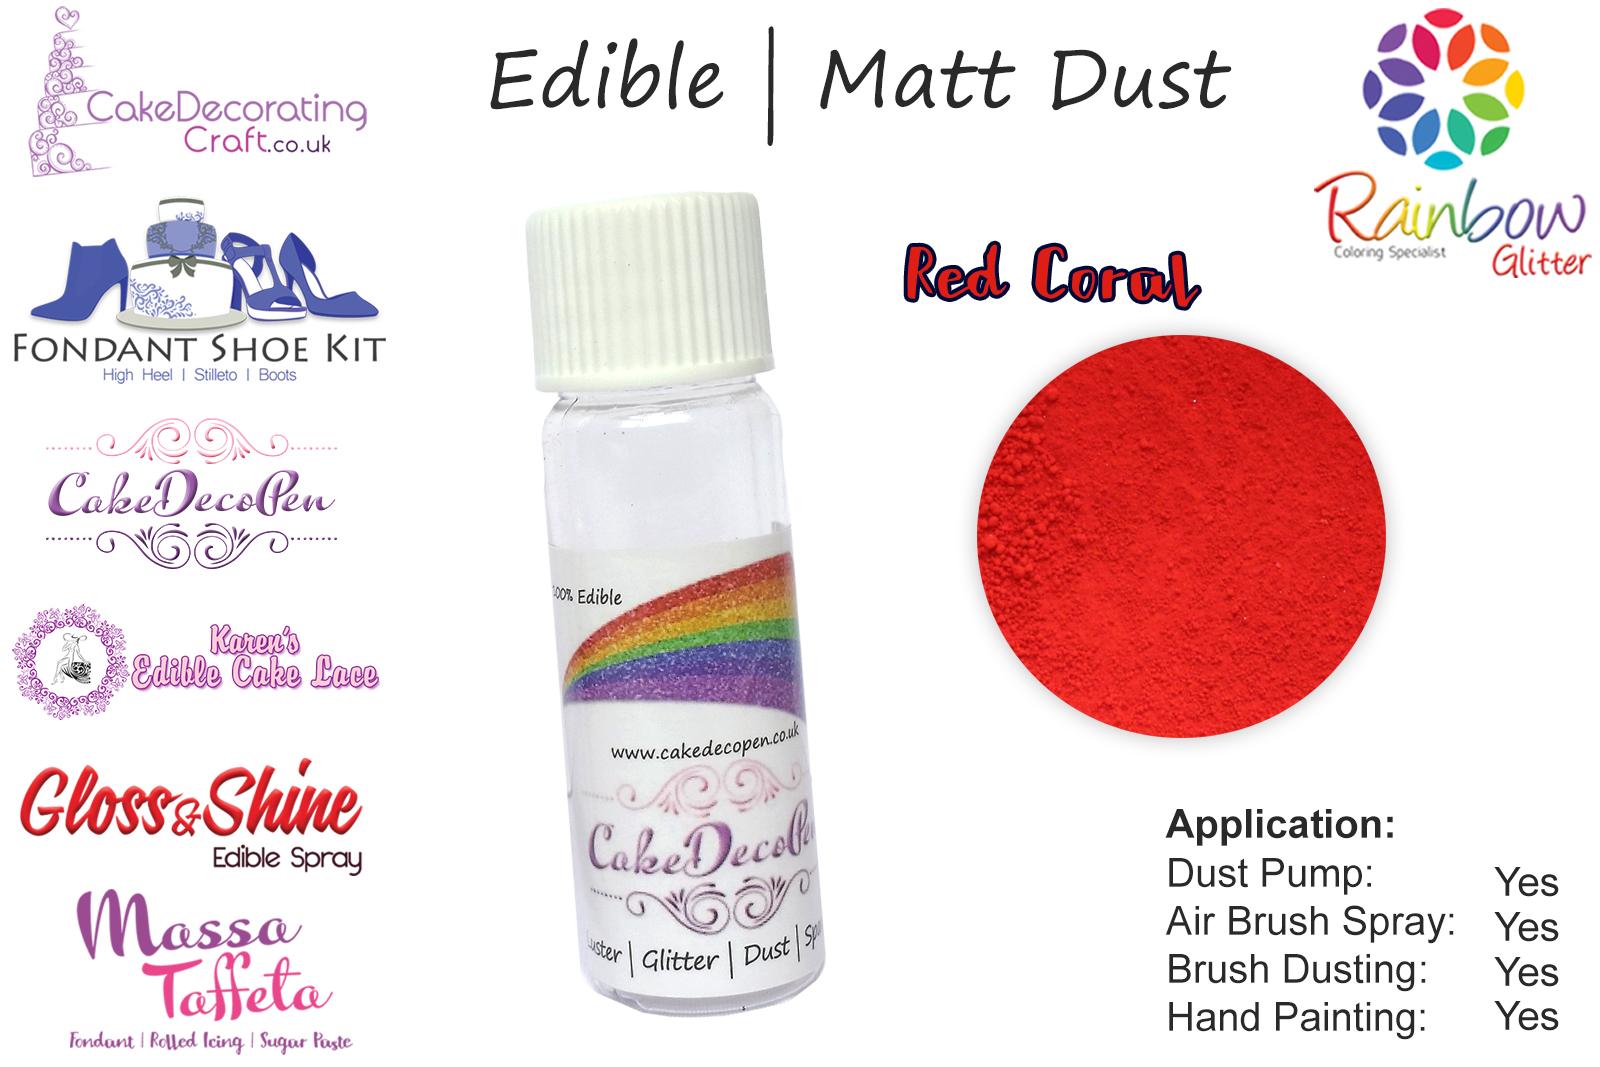 Red Coral | 4 Gram Tube | Matt Dust | For Cake Decorating